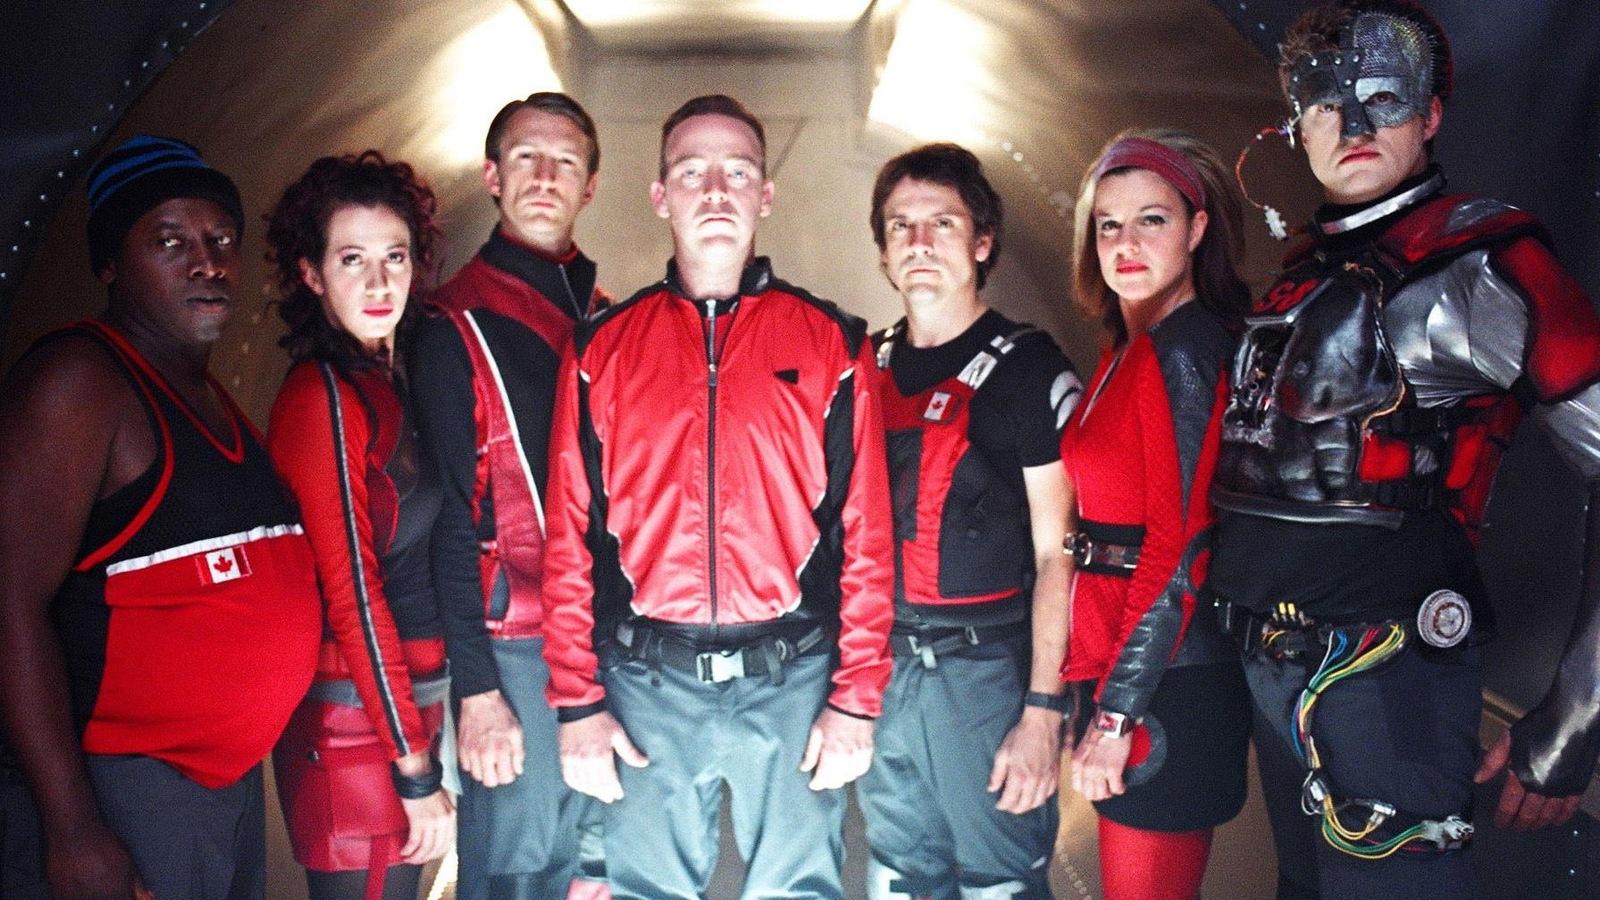 Les principaux acteurs de la série télévisée Dans une galaxie près de chez vous.